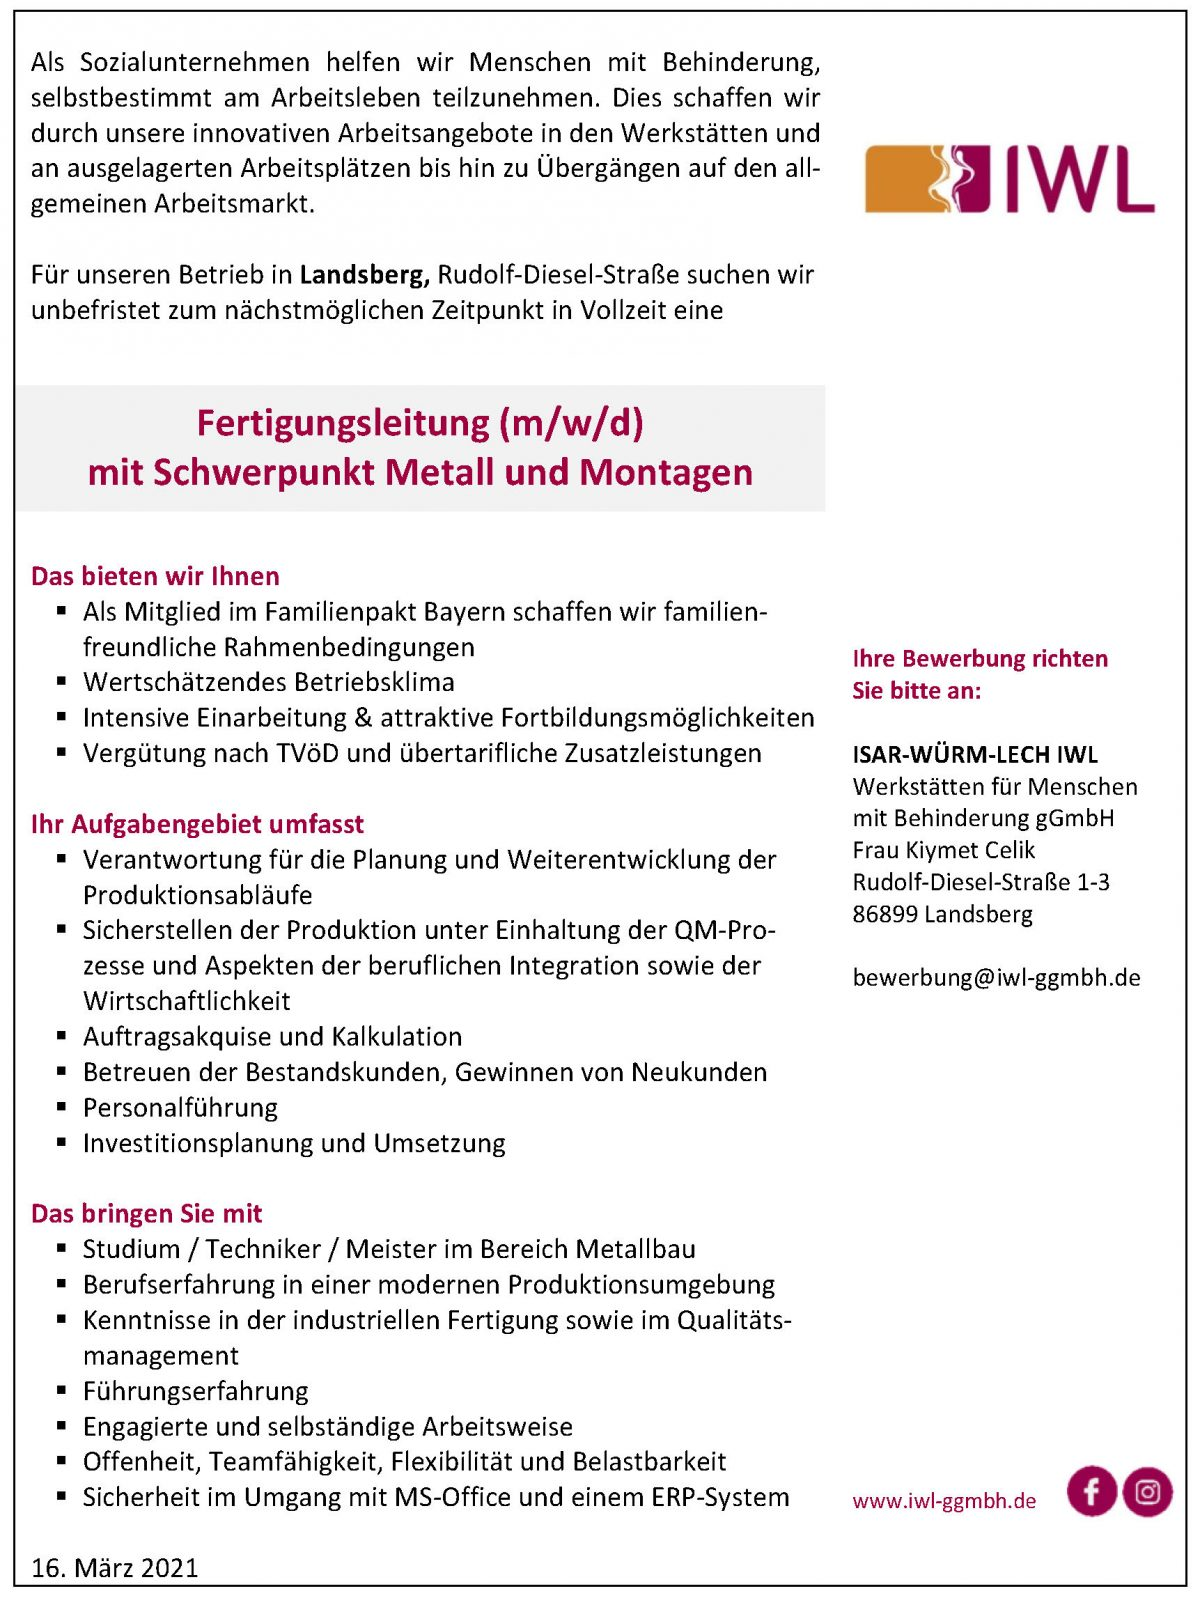 Stellenanzeige IWL Fertigungsleitung Landsberg